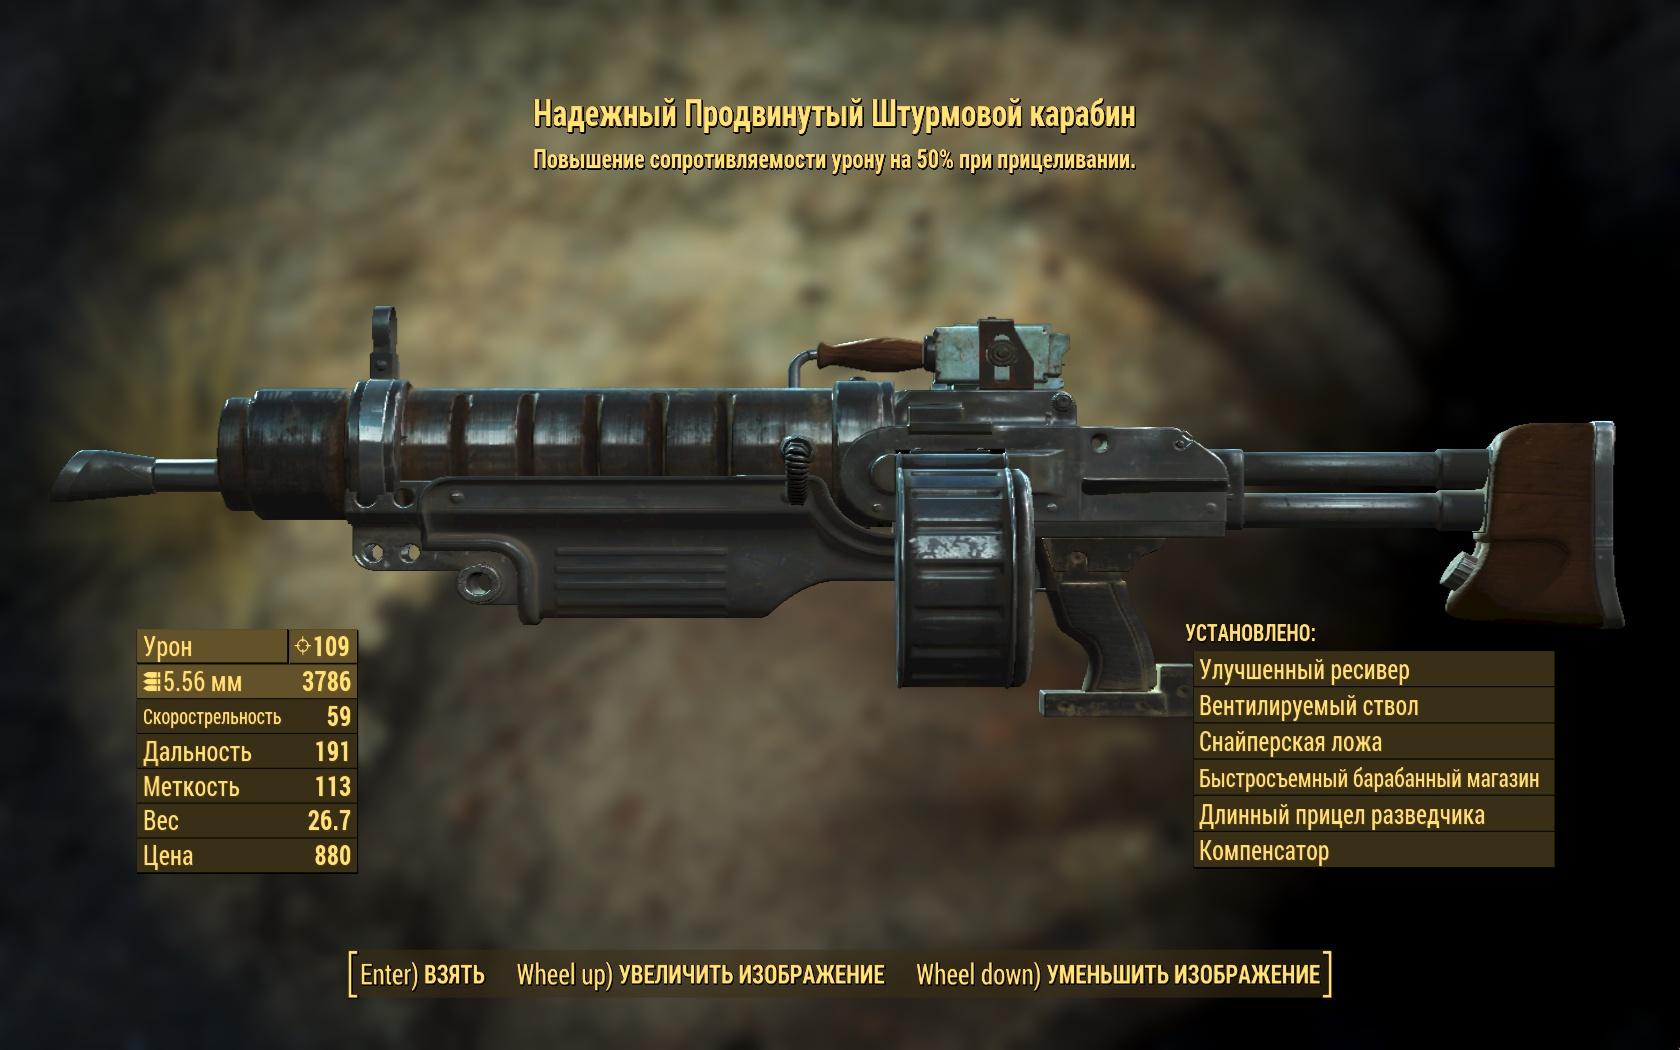 карабин - Fallout 4 Надёжный, Оружие, продвинутый, штурмовой